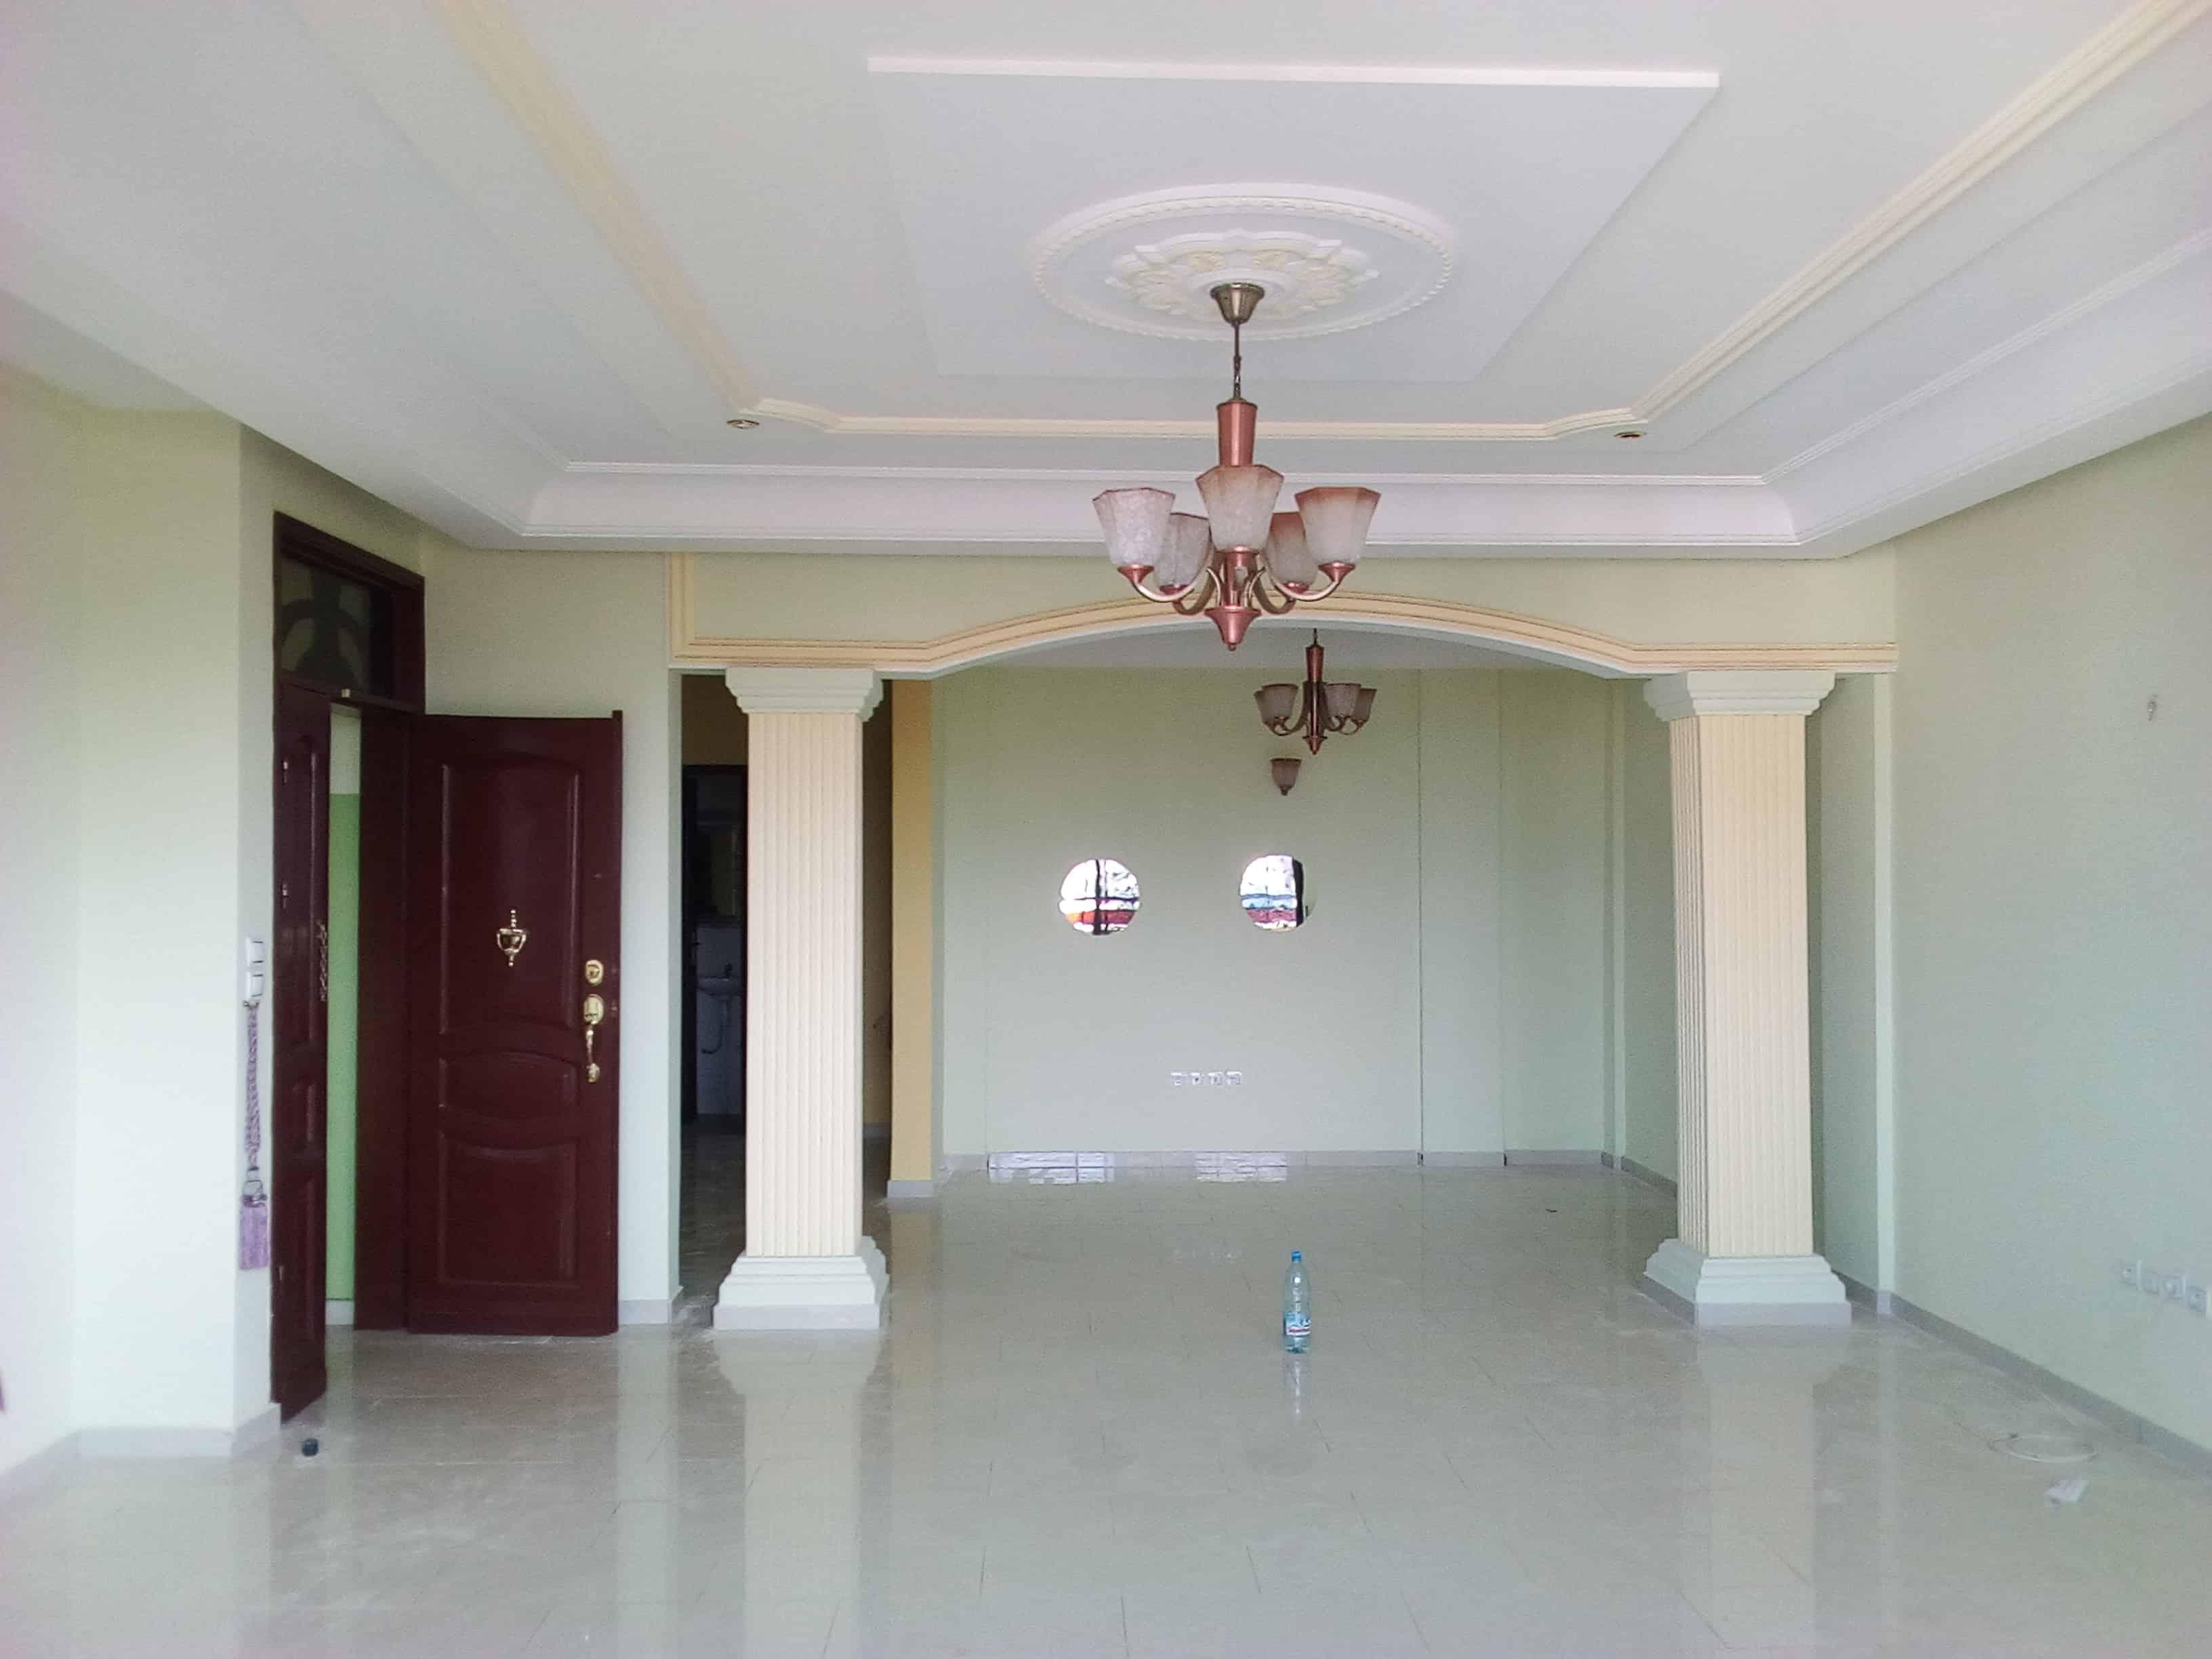 Appartement à louer - Yaoundé, Bastos, pas loin dude la pharmacie - 1 salon(s), 2 chambre(s), 3 salle(s) de bains - 1 200 000 FCFA / mois